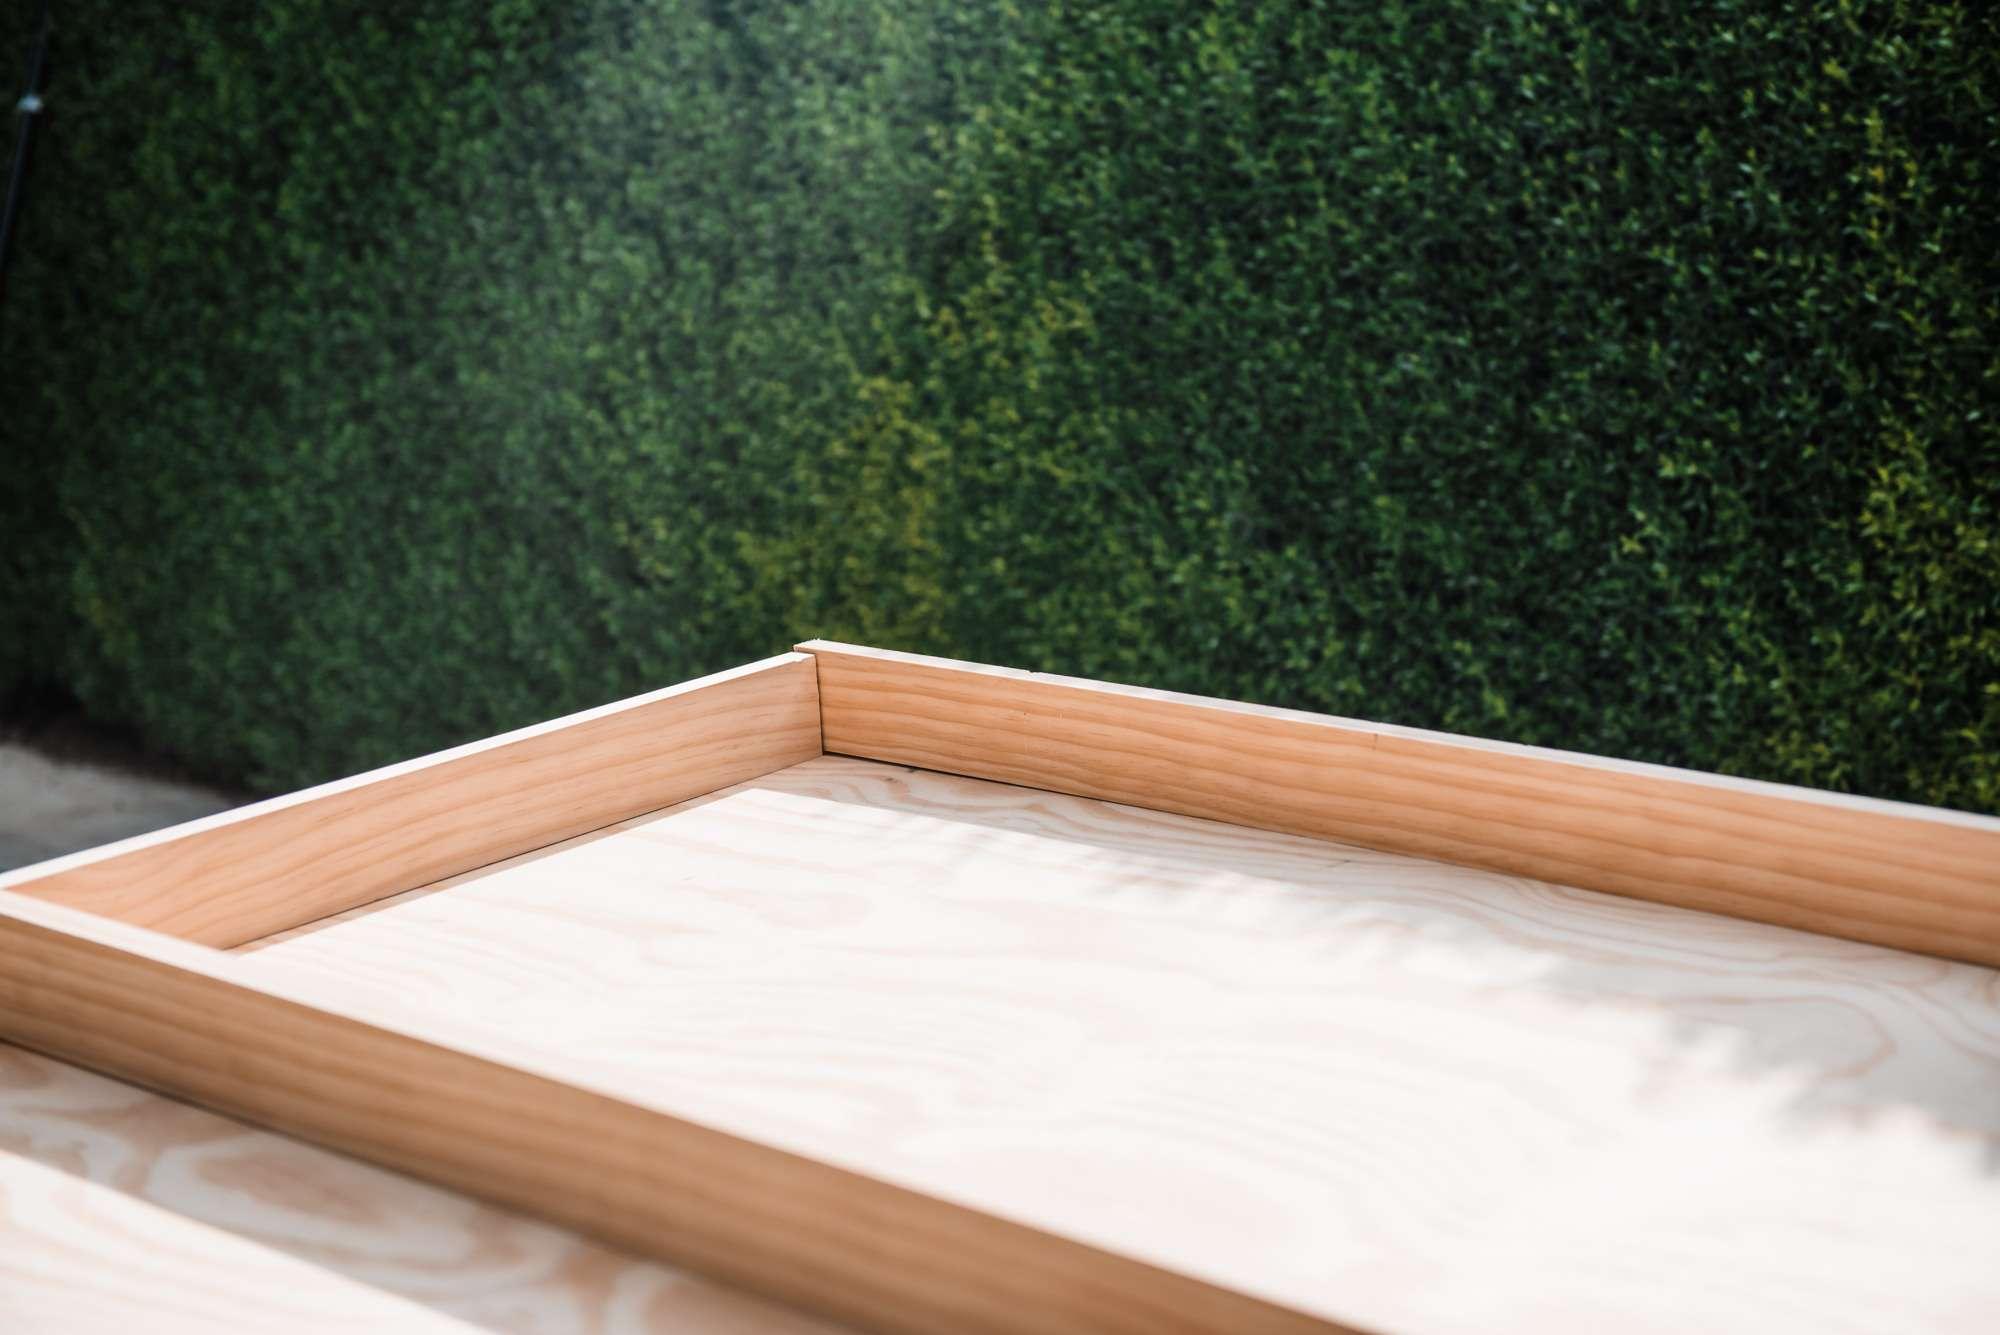 rectangular wooden frame